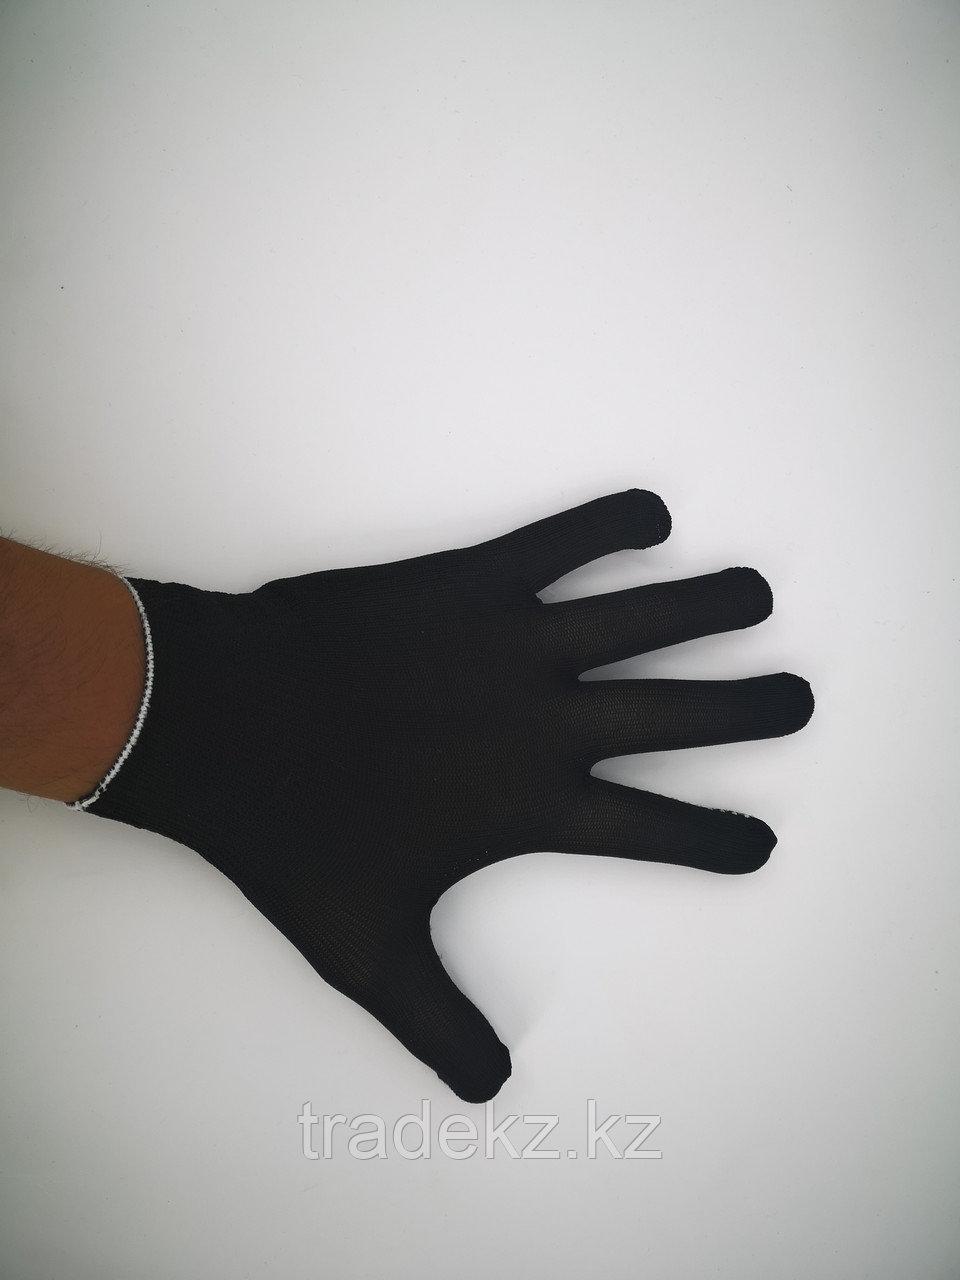 Перчатки нейлоновые с ПВХ покрытием, средства индивидуальной защиты